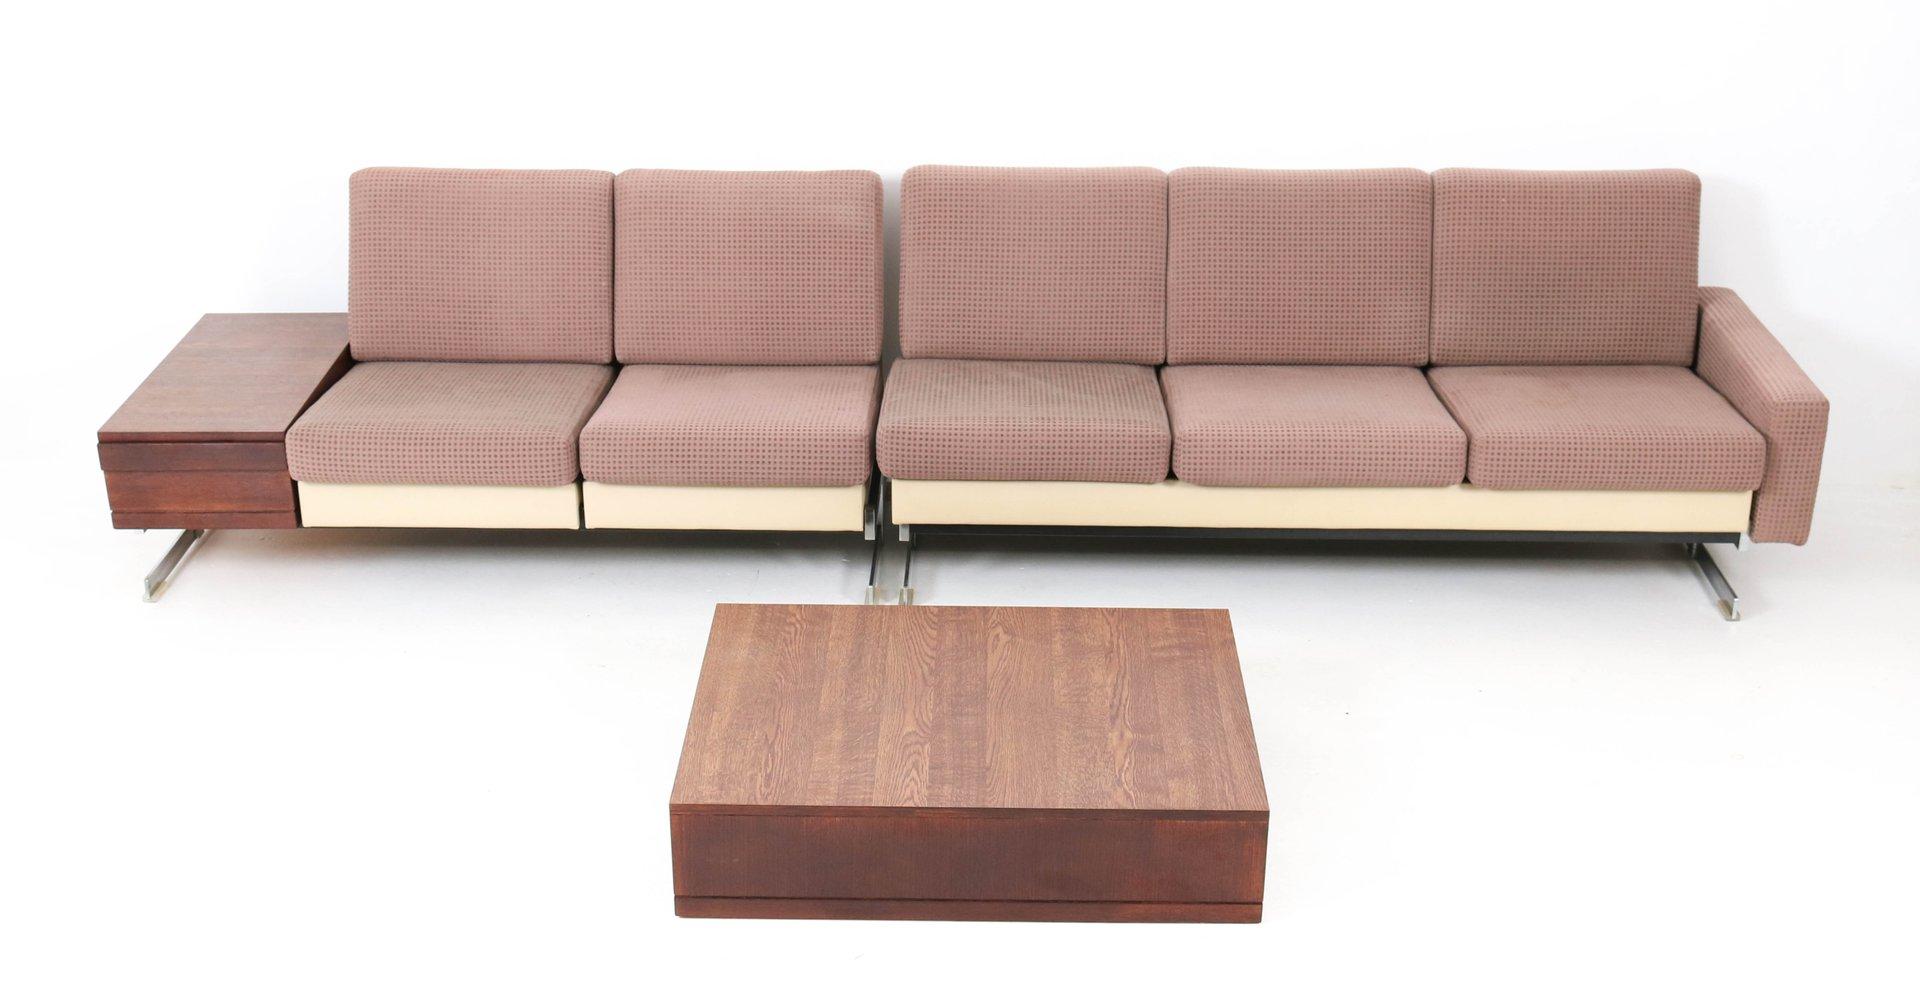 Mid-Century Modell Pluraform Modern Sofas mit Wenge Couchtische von Ro...